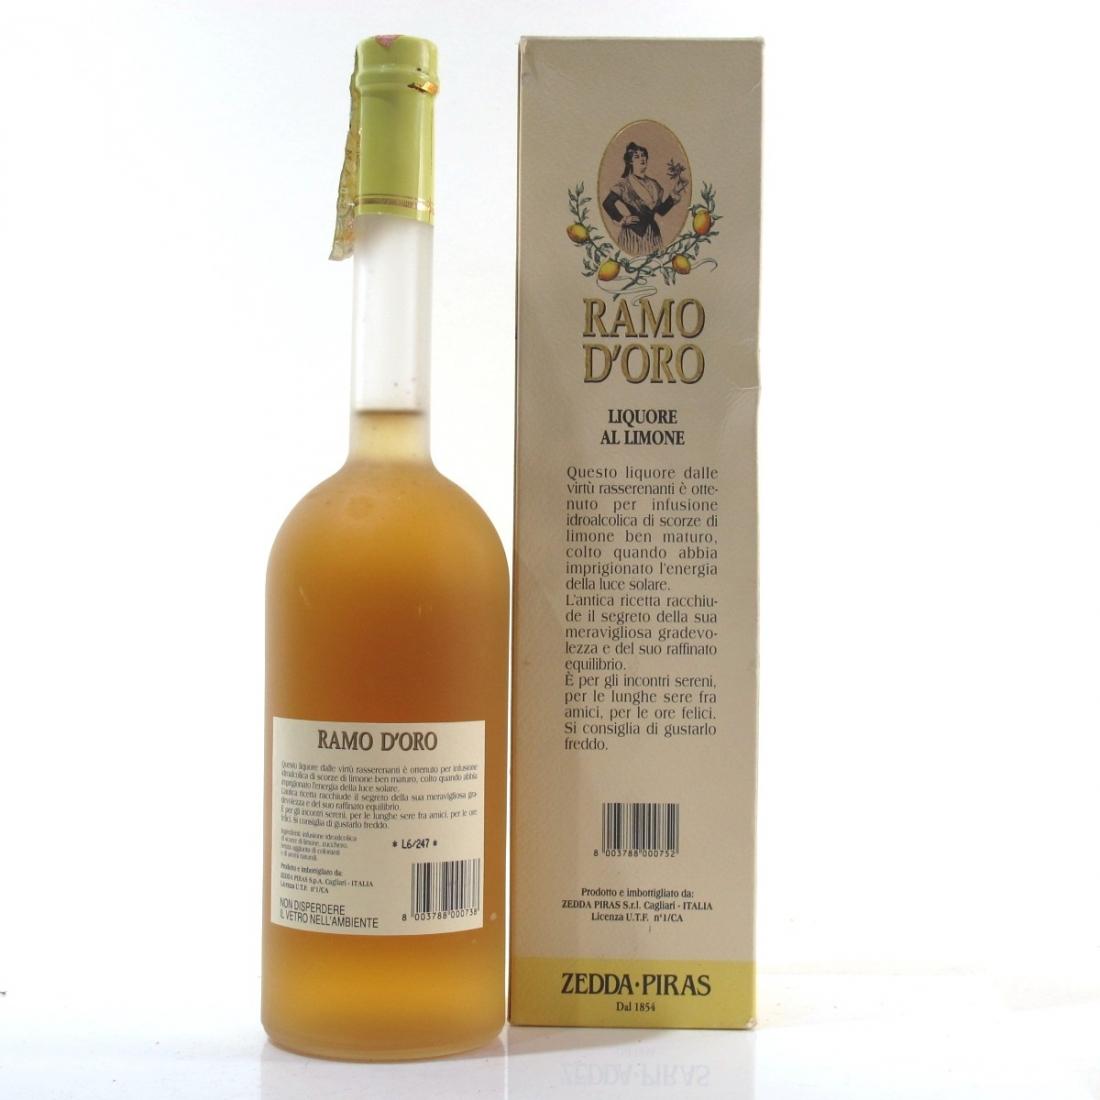 Ramo D'Oro Liquore Al Limone